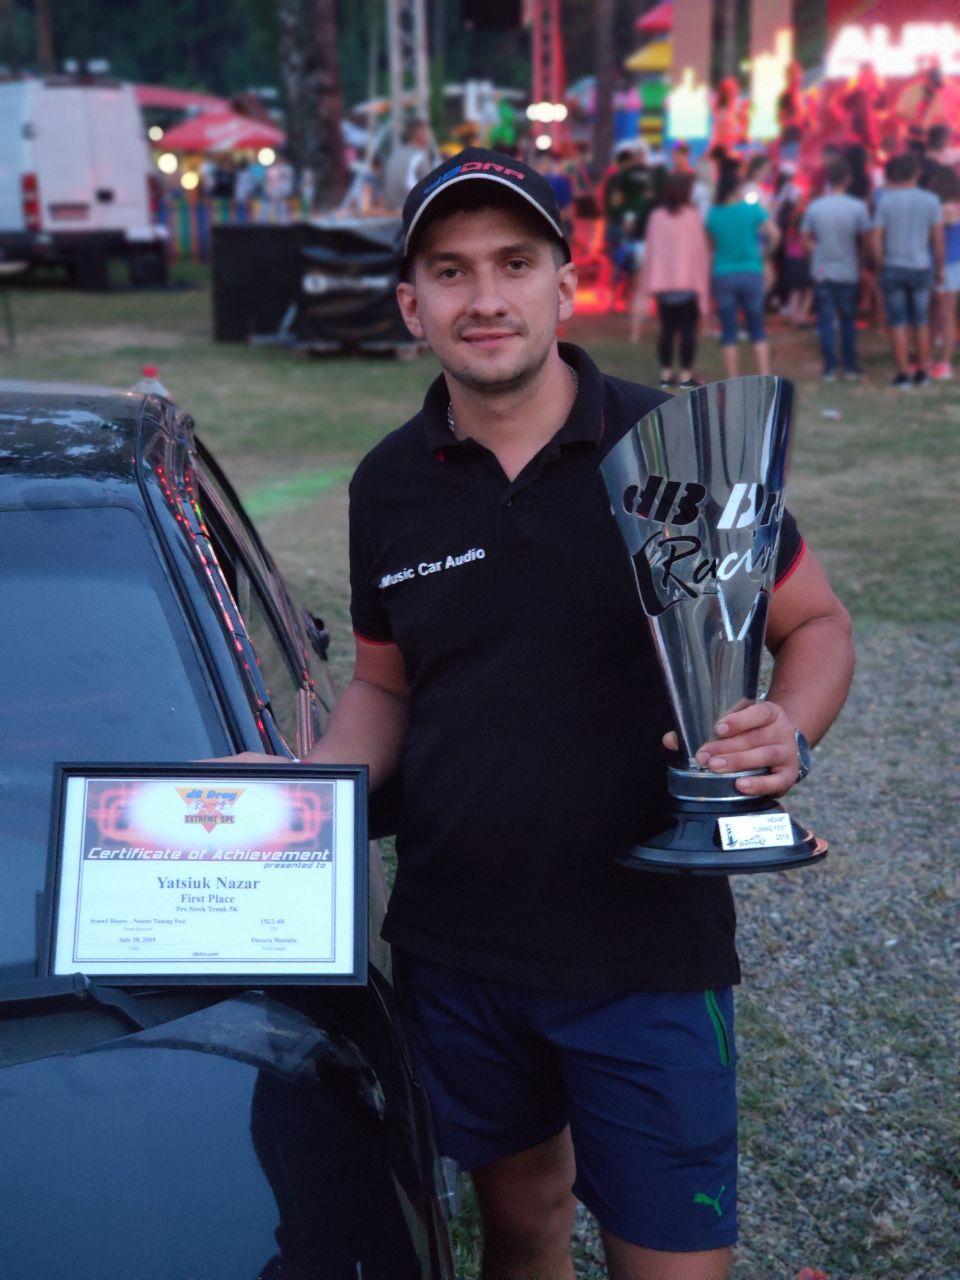 Франківець переміг на міжнародних змаганнях з автозвуку 10